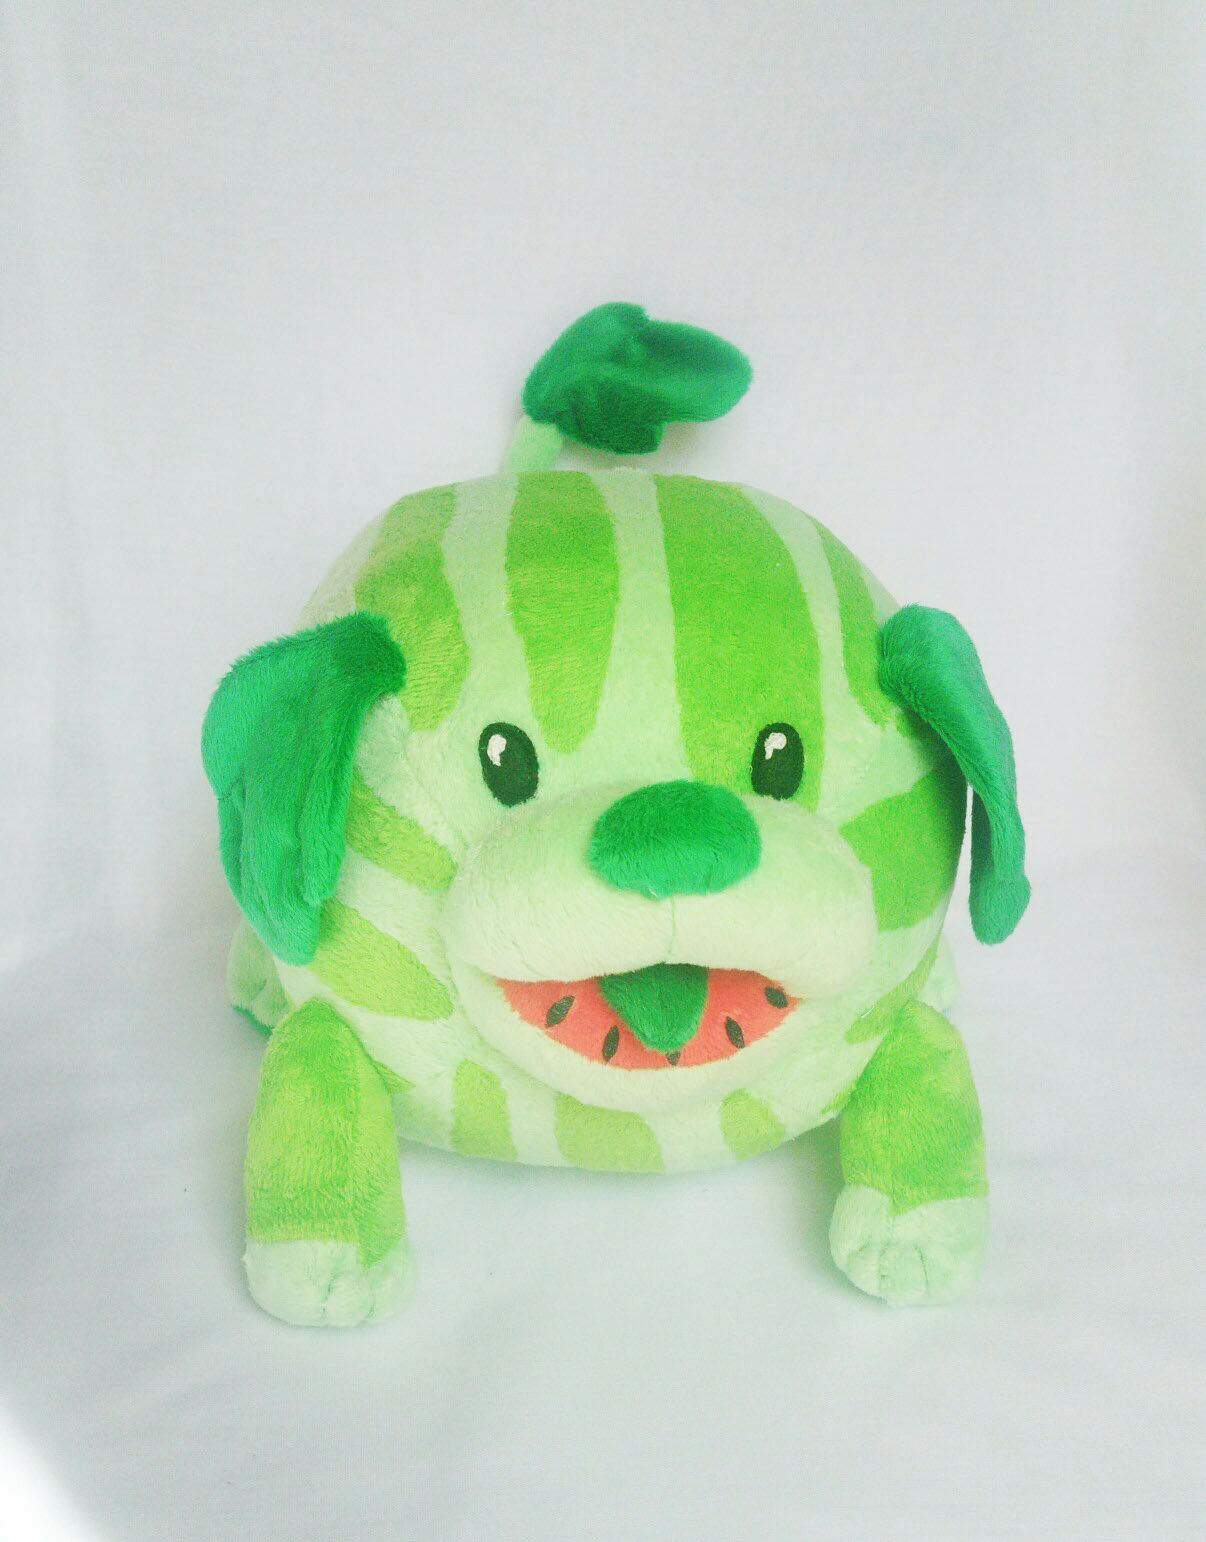 Sandía Pet, Steven Universo, waterme Perro hecho a mano por enCochego hecho a pedido